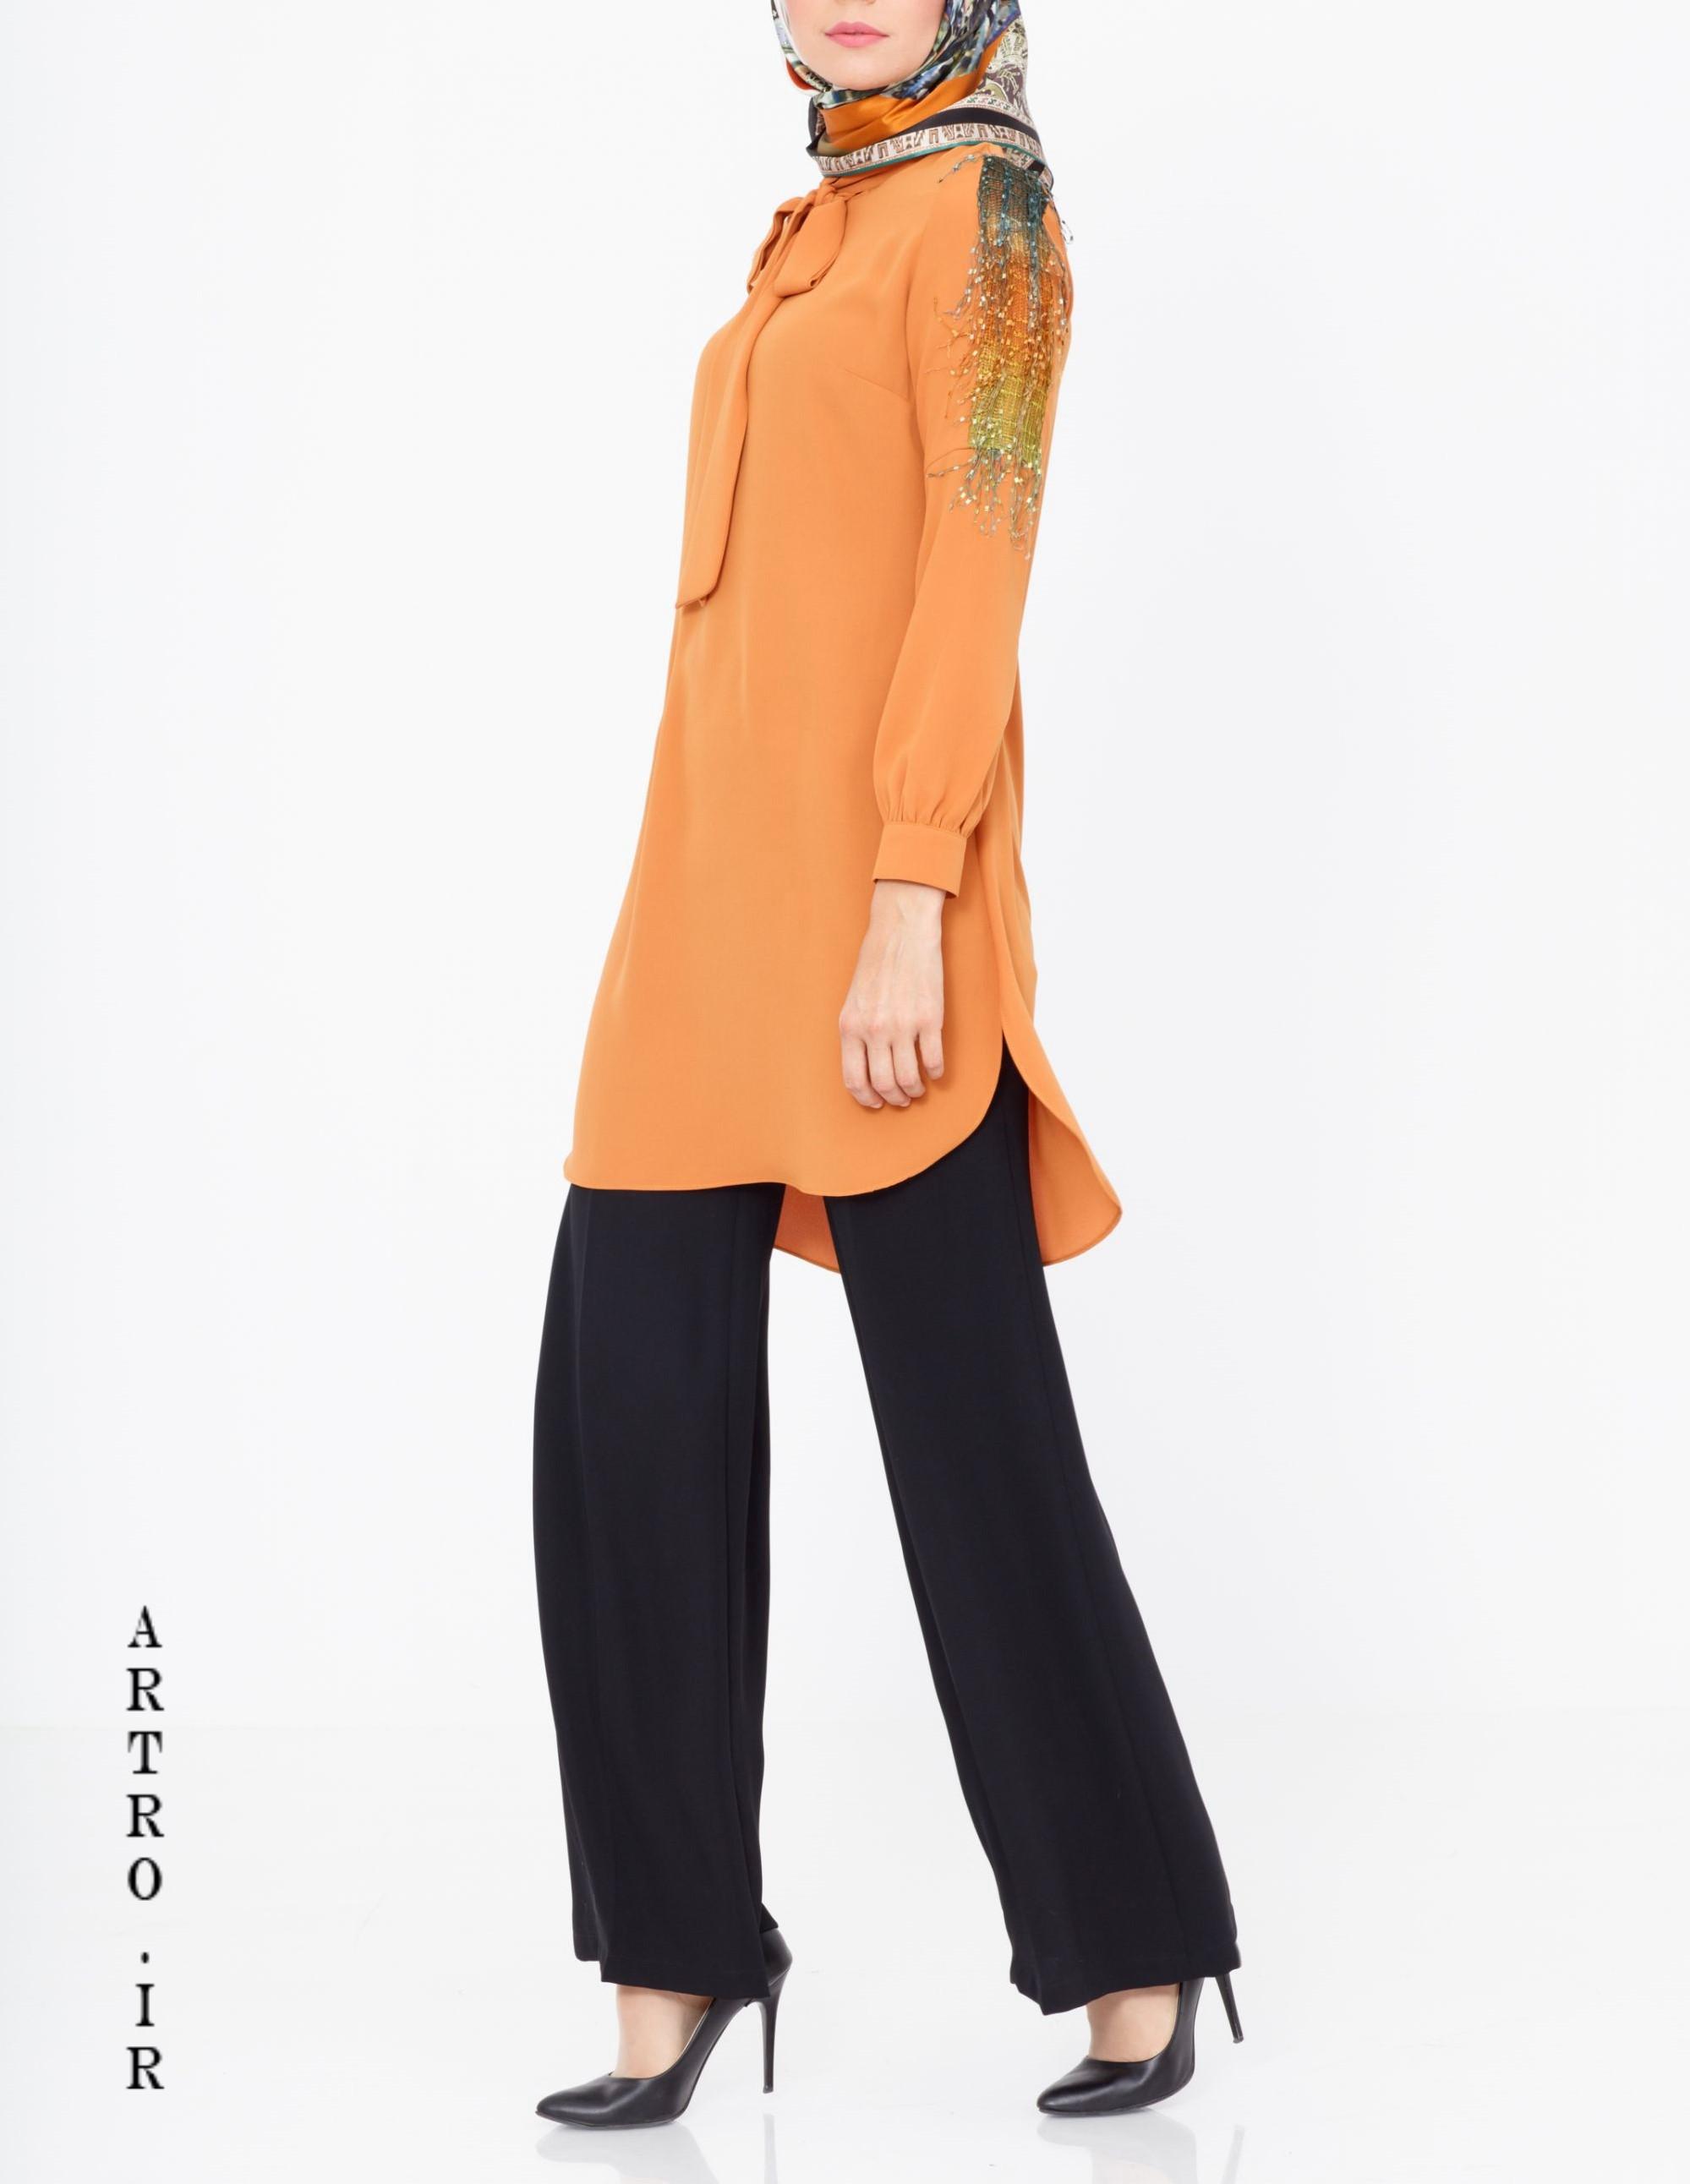 مدل های مانتو بهار 2019